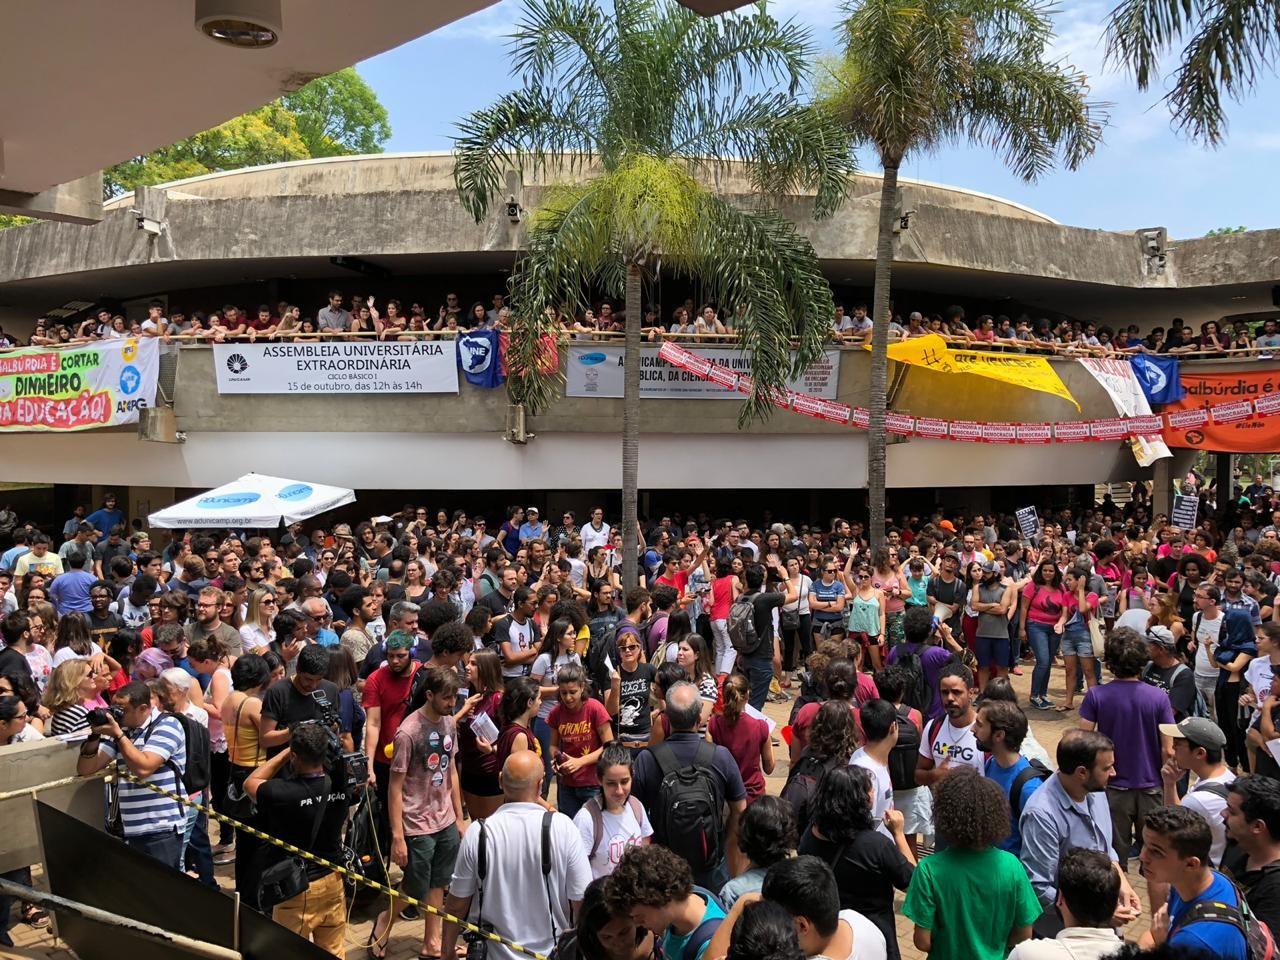 Em assembleia inédita, Unicamp aprova moção em defesa da educação, ciência e autonomia  - Notícias - Plantão Diário